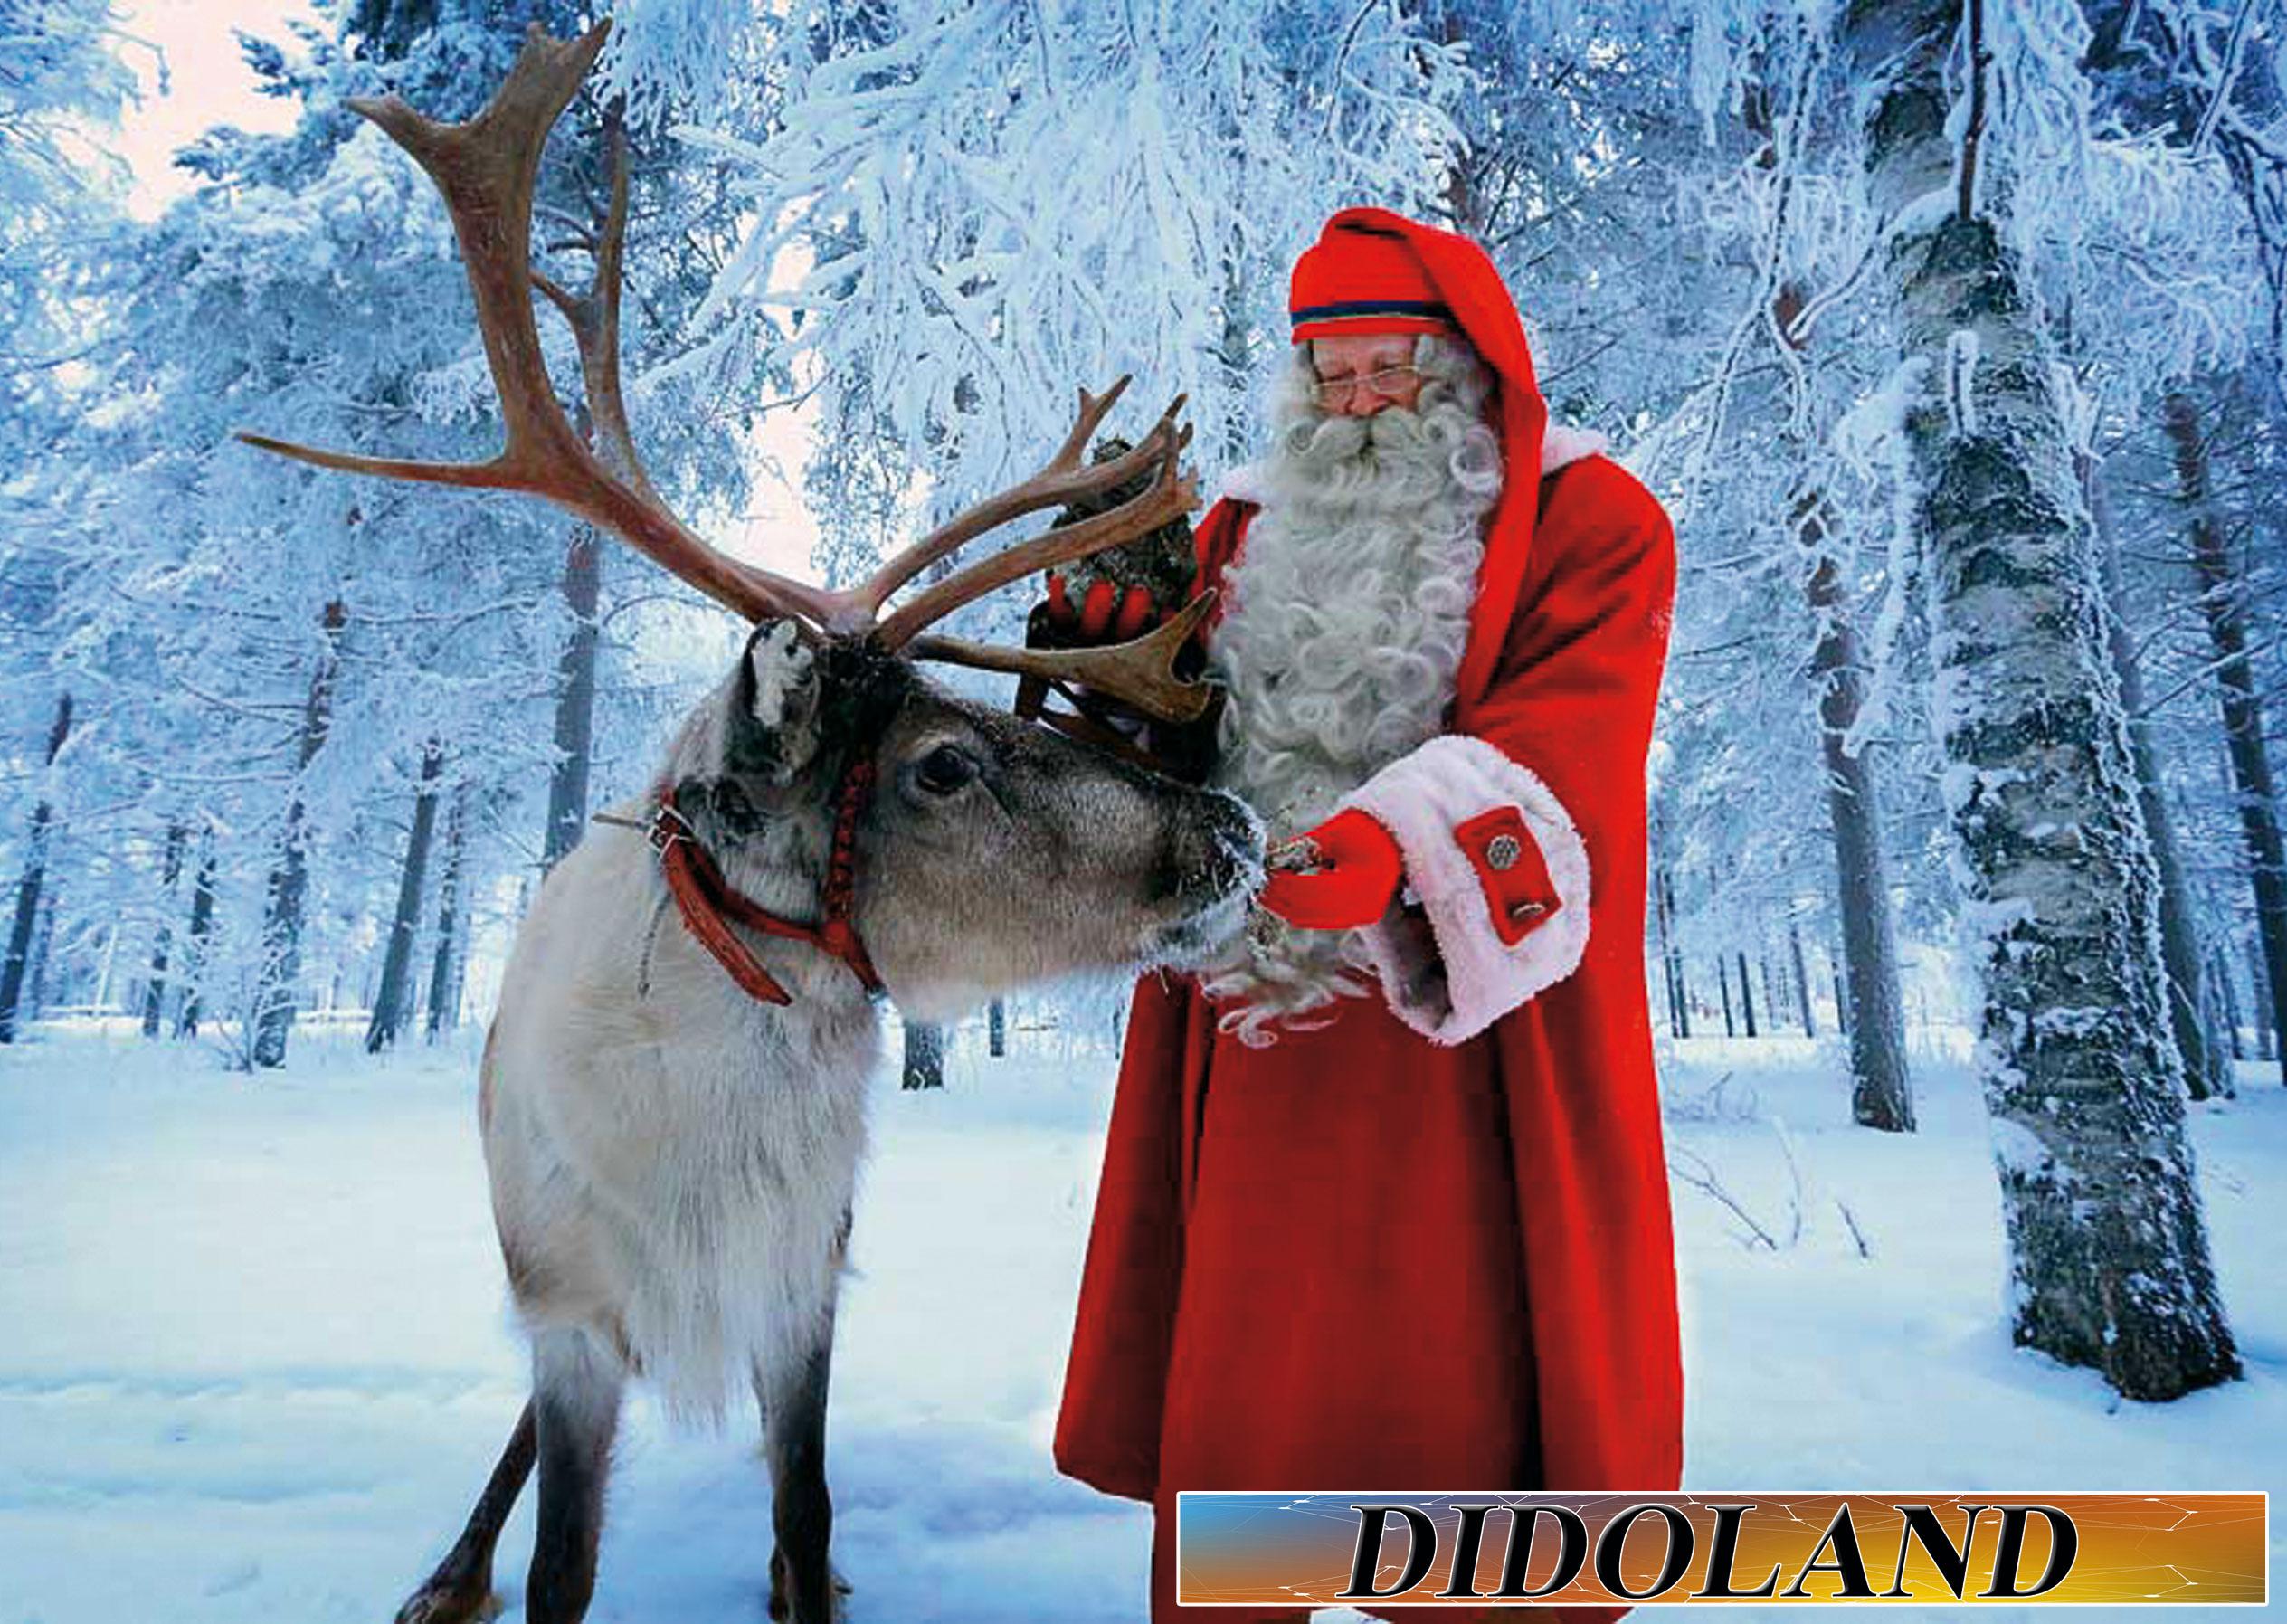 Bestsellers in Kerstmannen: De Kerstman is een folkloristisch figuur die rond de kerstperiode cadeautjes uitdeelt aan kinderen.